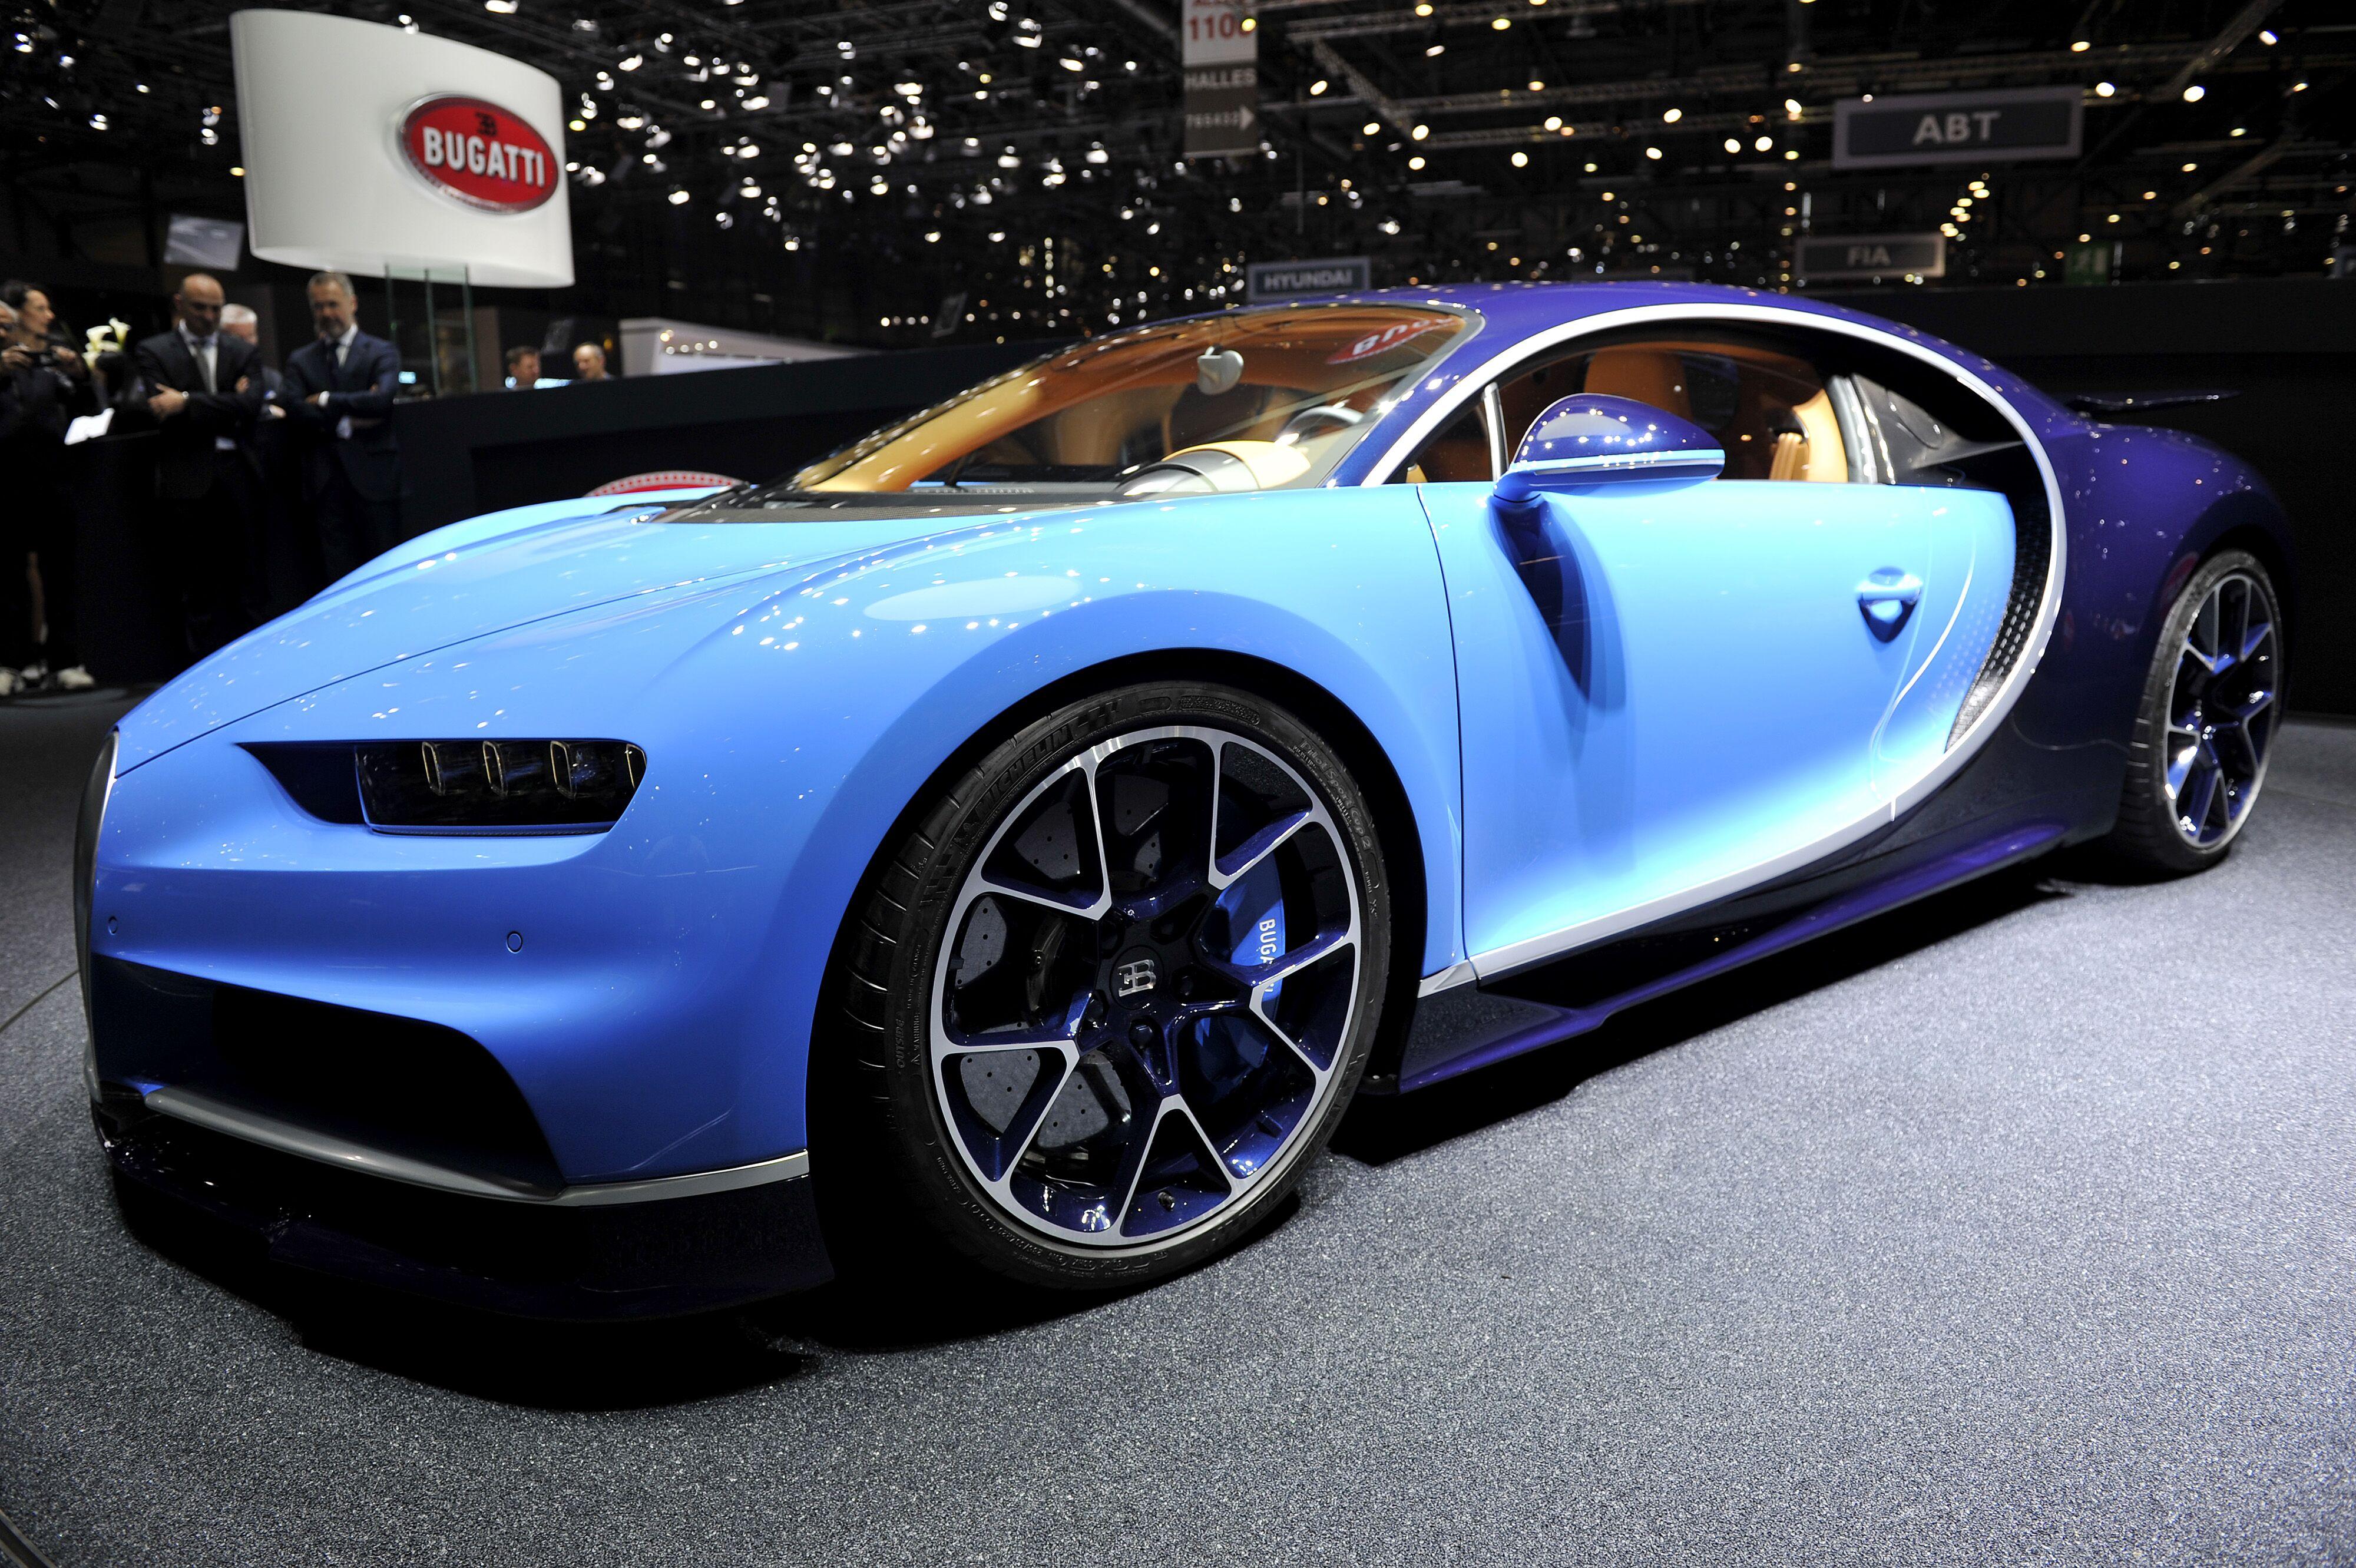 Geneva Switzerland March  The Bugatti Chiron Is Presented During The Bugatti Press